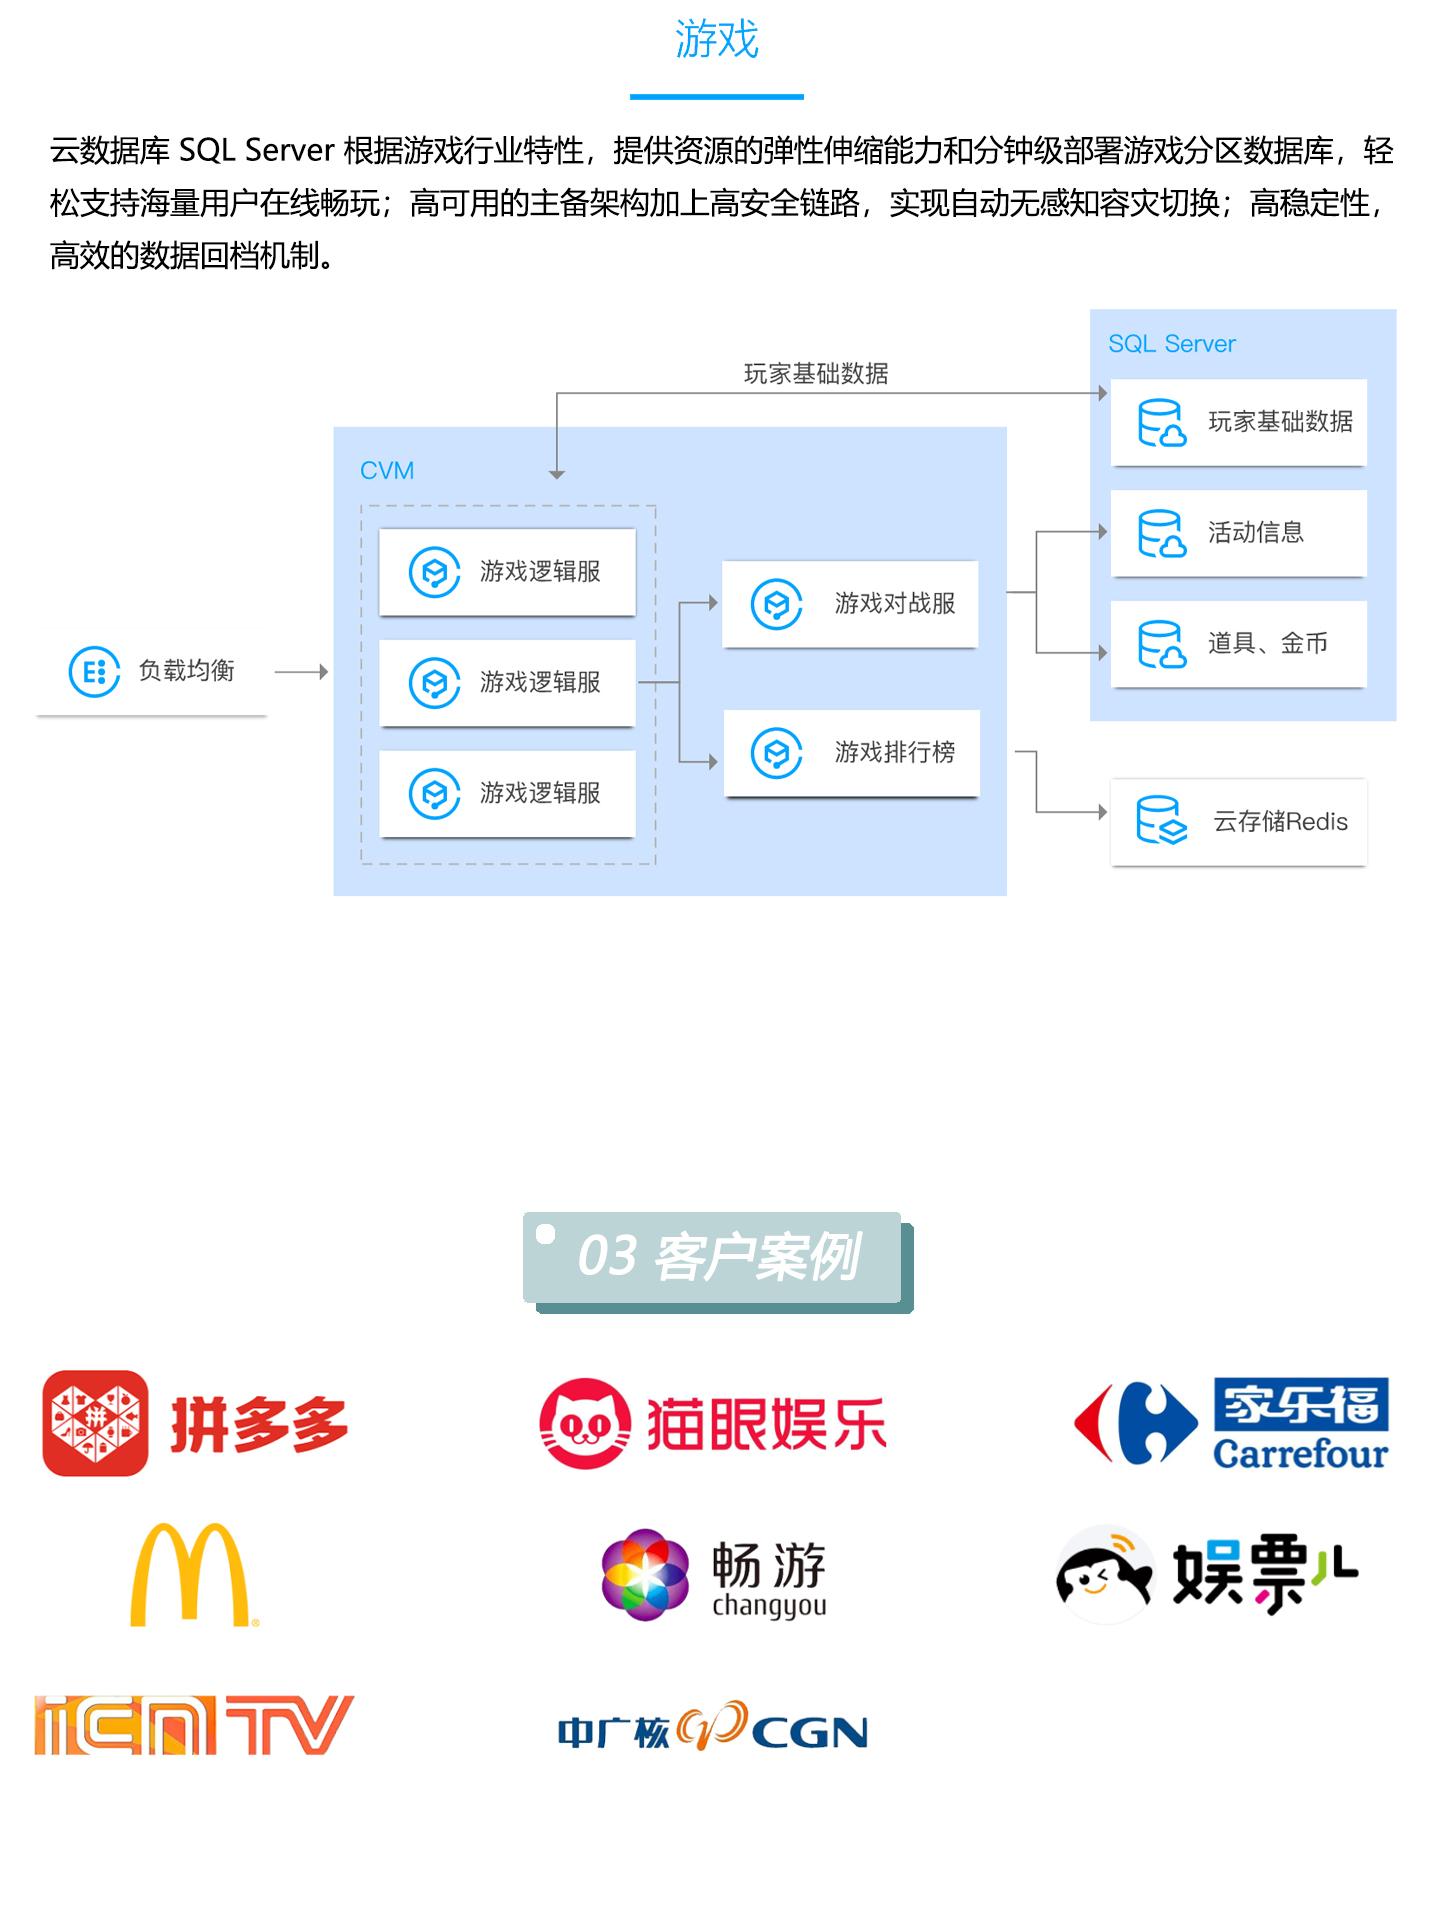 云数据库-TencentDB-for-SQL-Server-1440_04.jpg